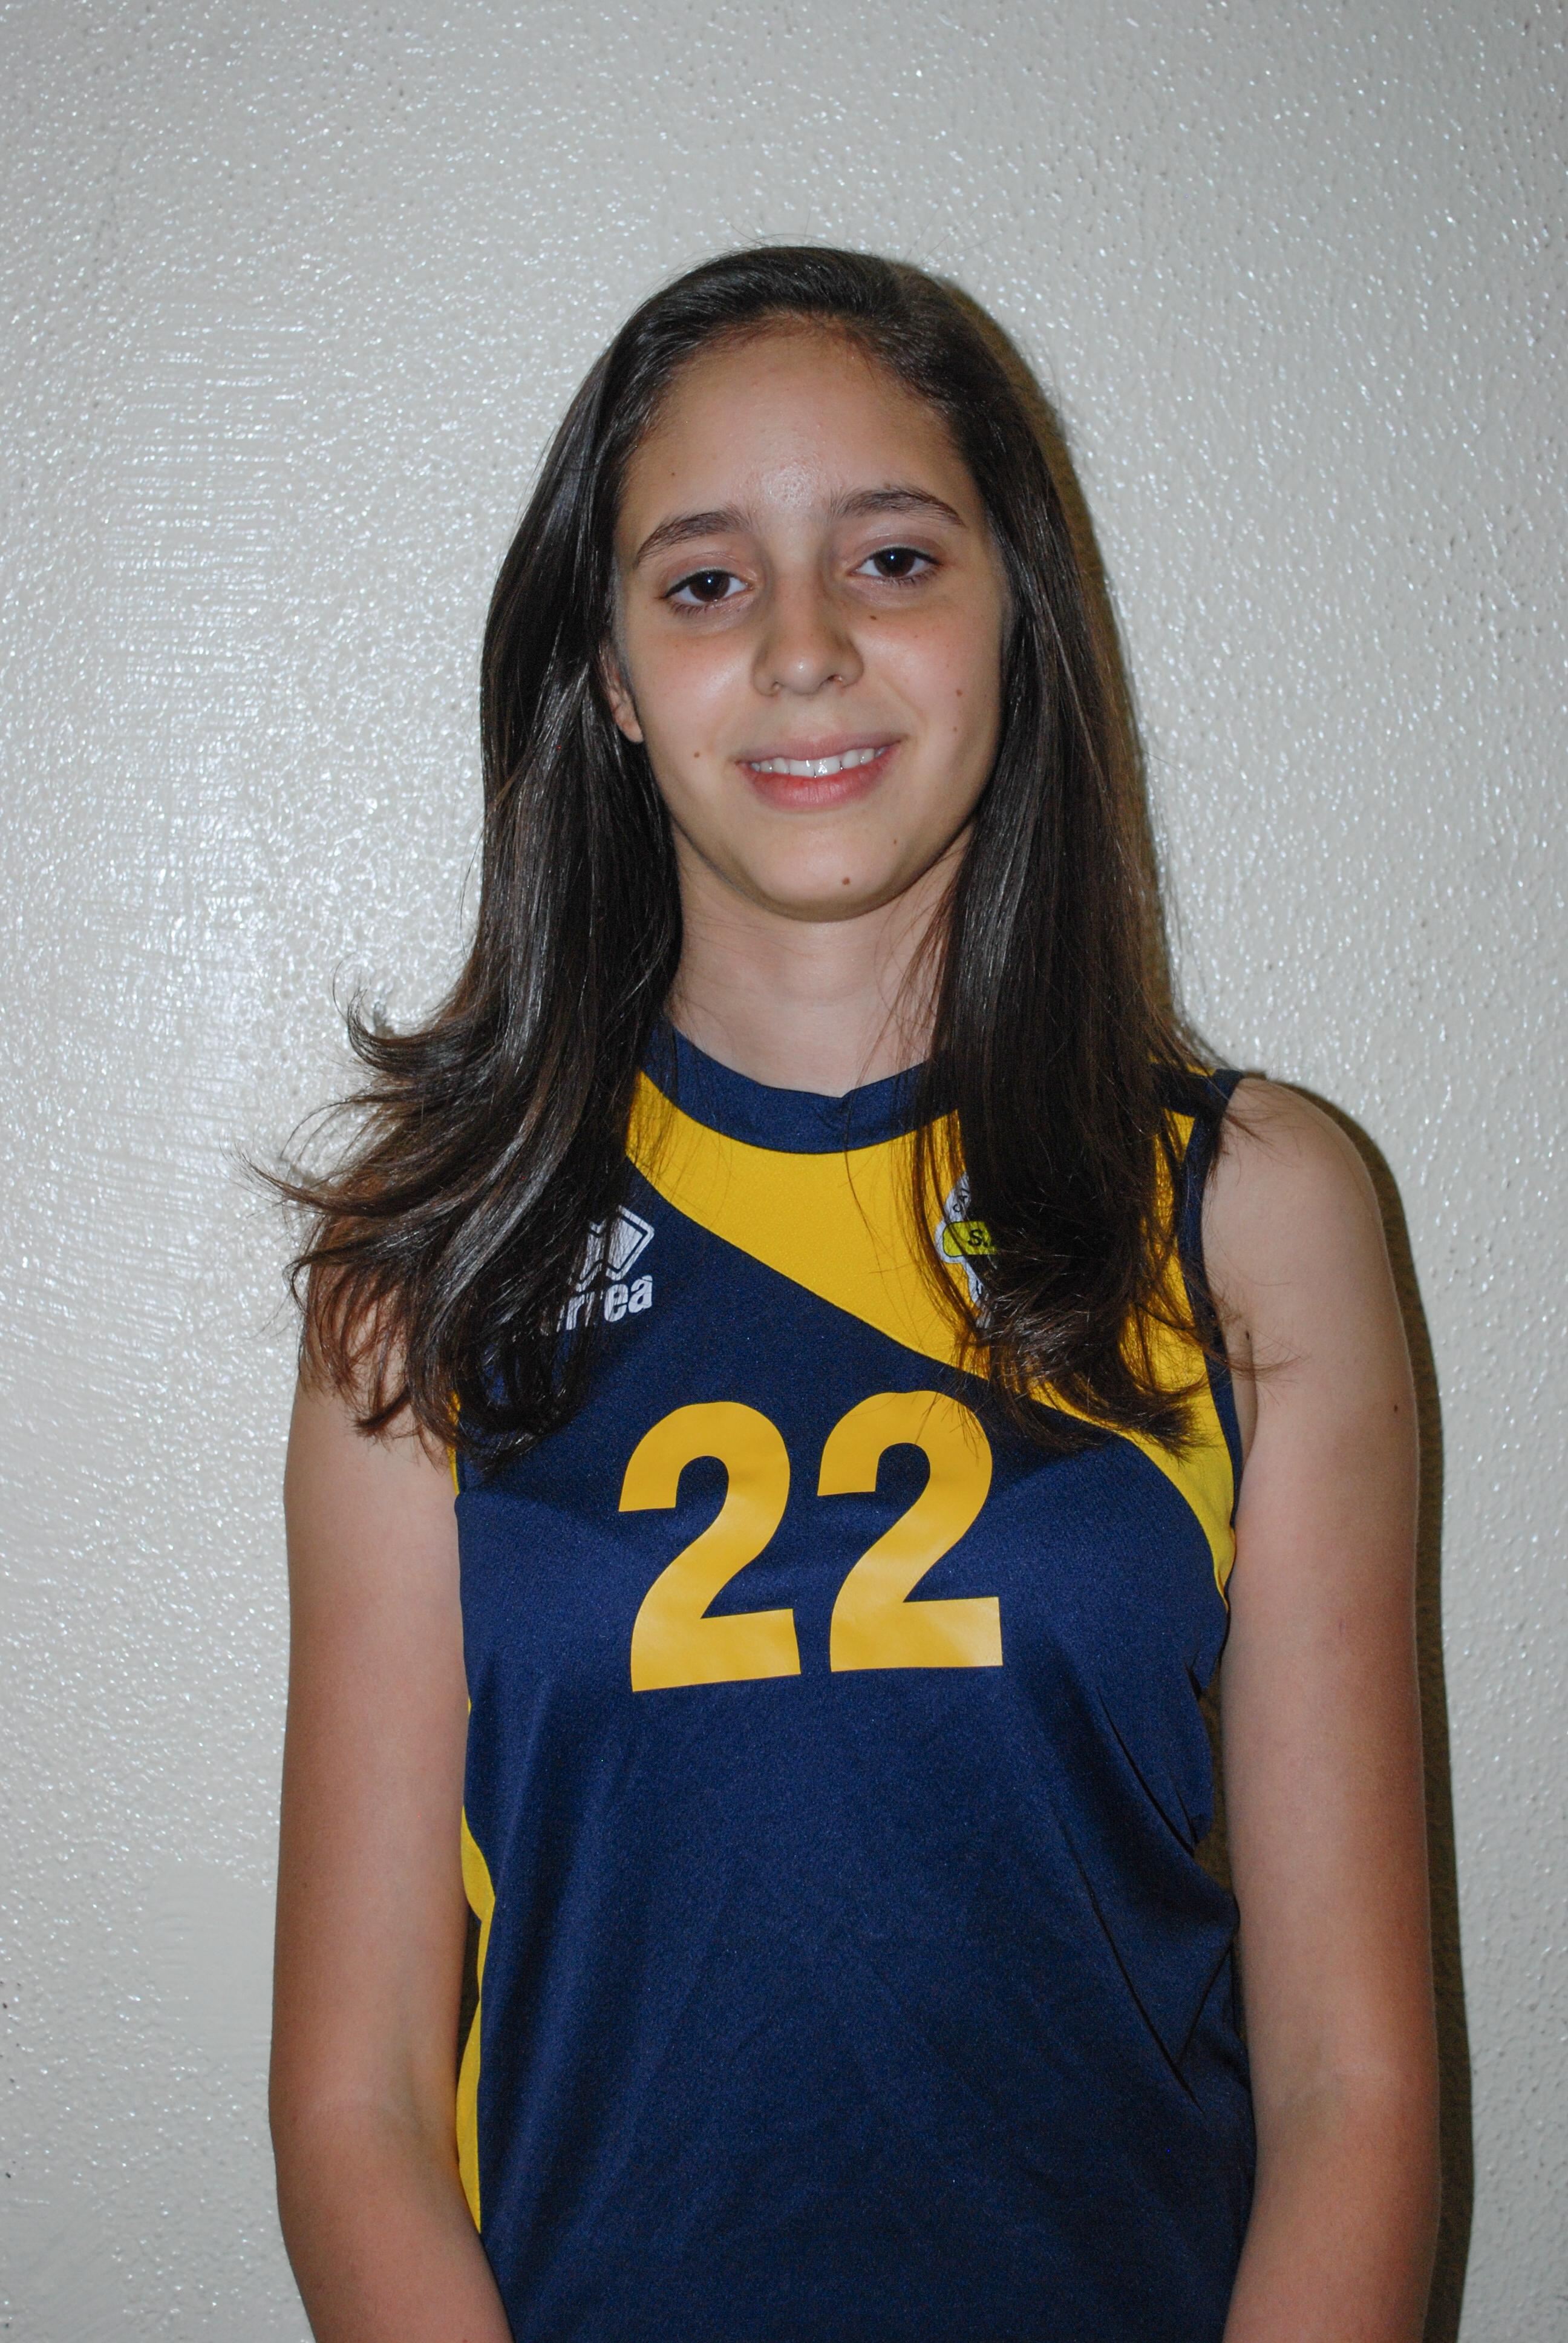 1 Chiara Mezzanzanica